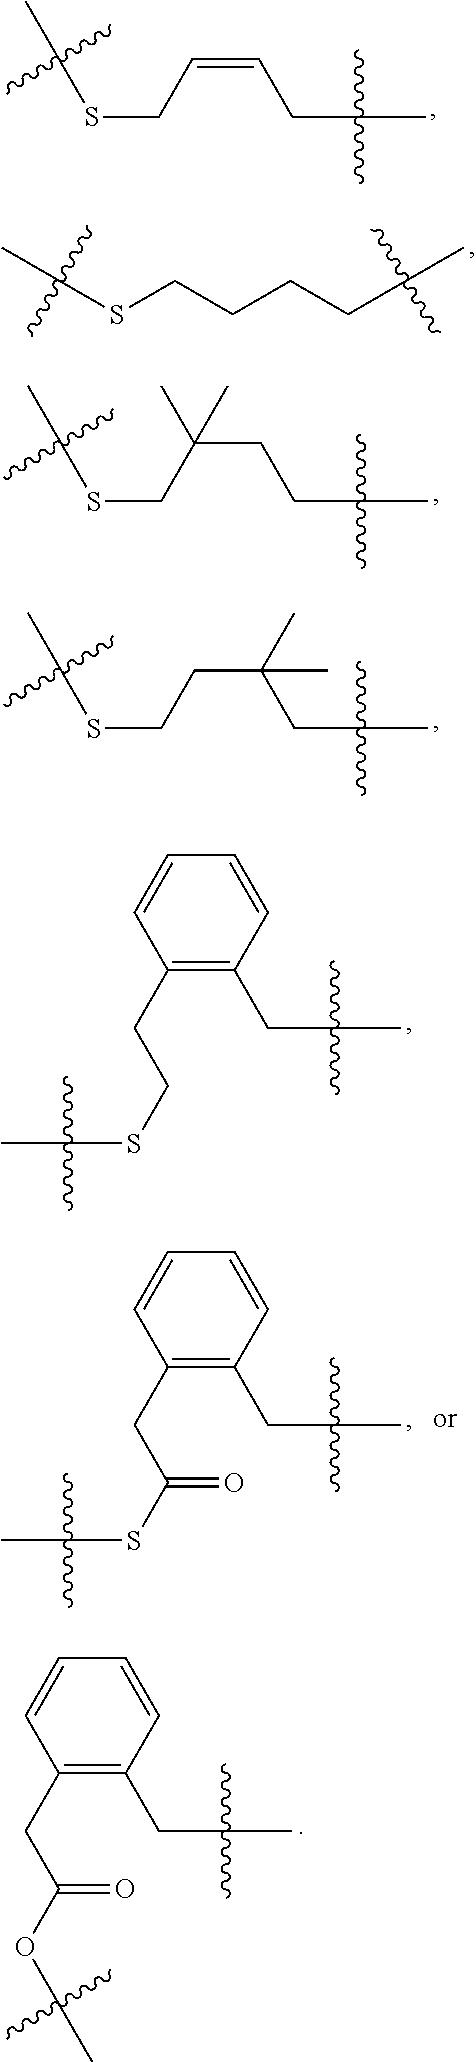 Figure US10160969-20181225-C00060